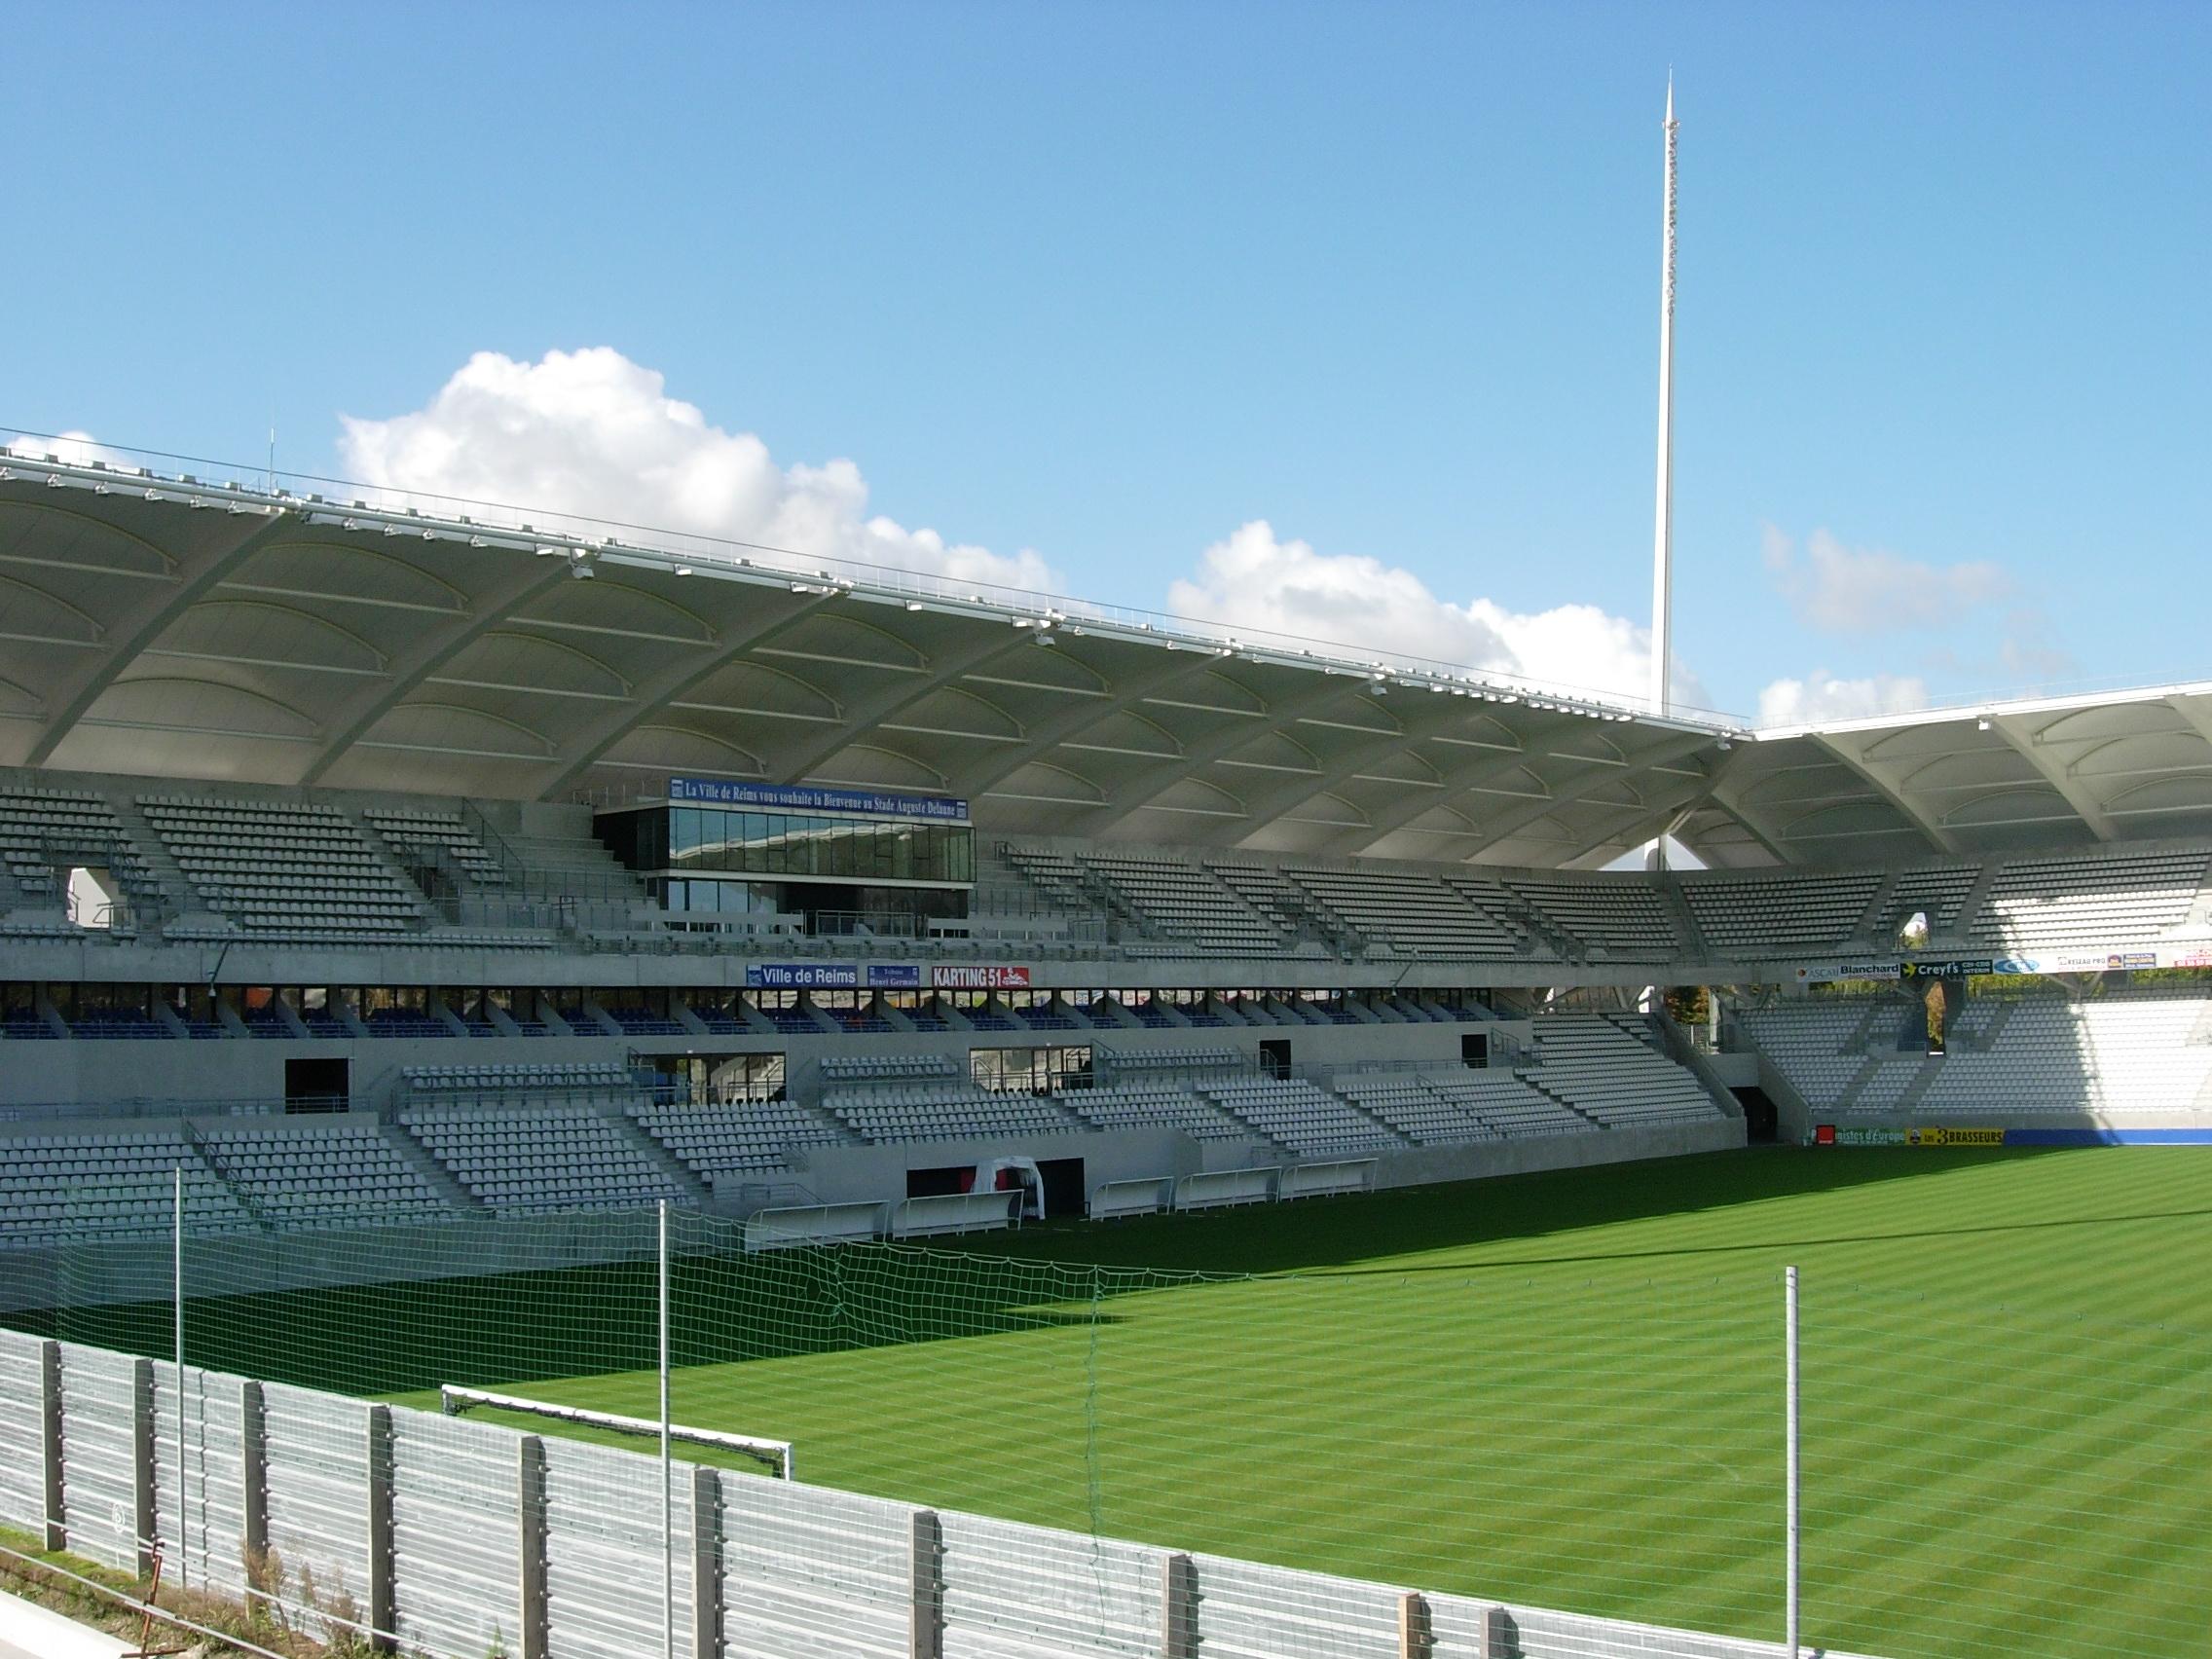 Stade_Auguste-Delaune_2_Trib%C3%BCnen.JP